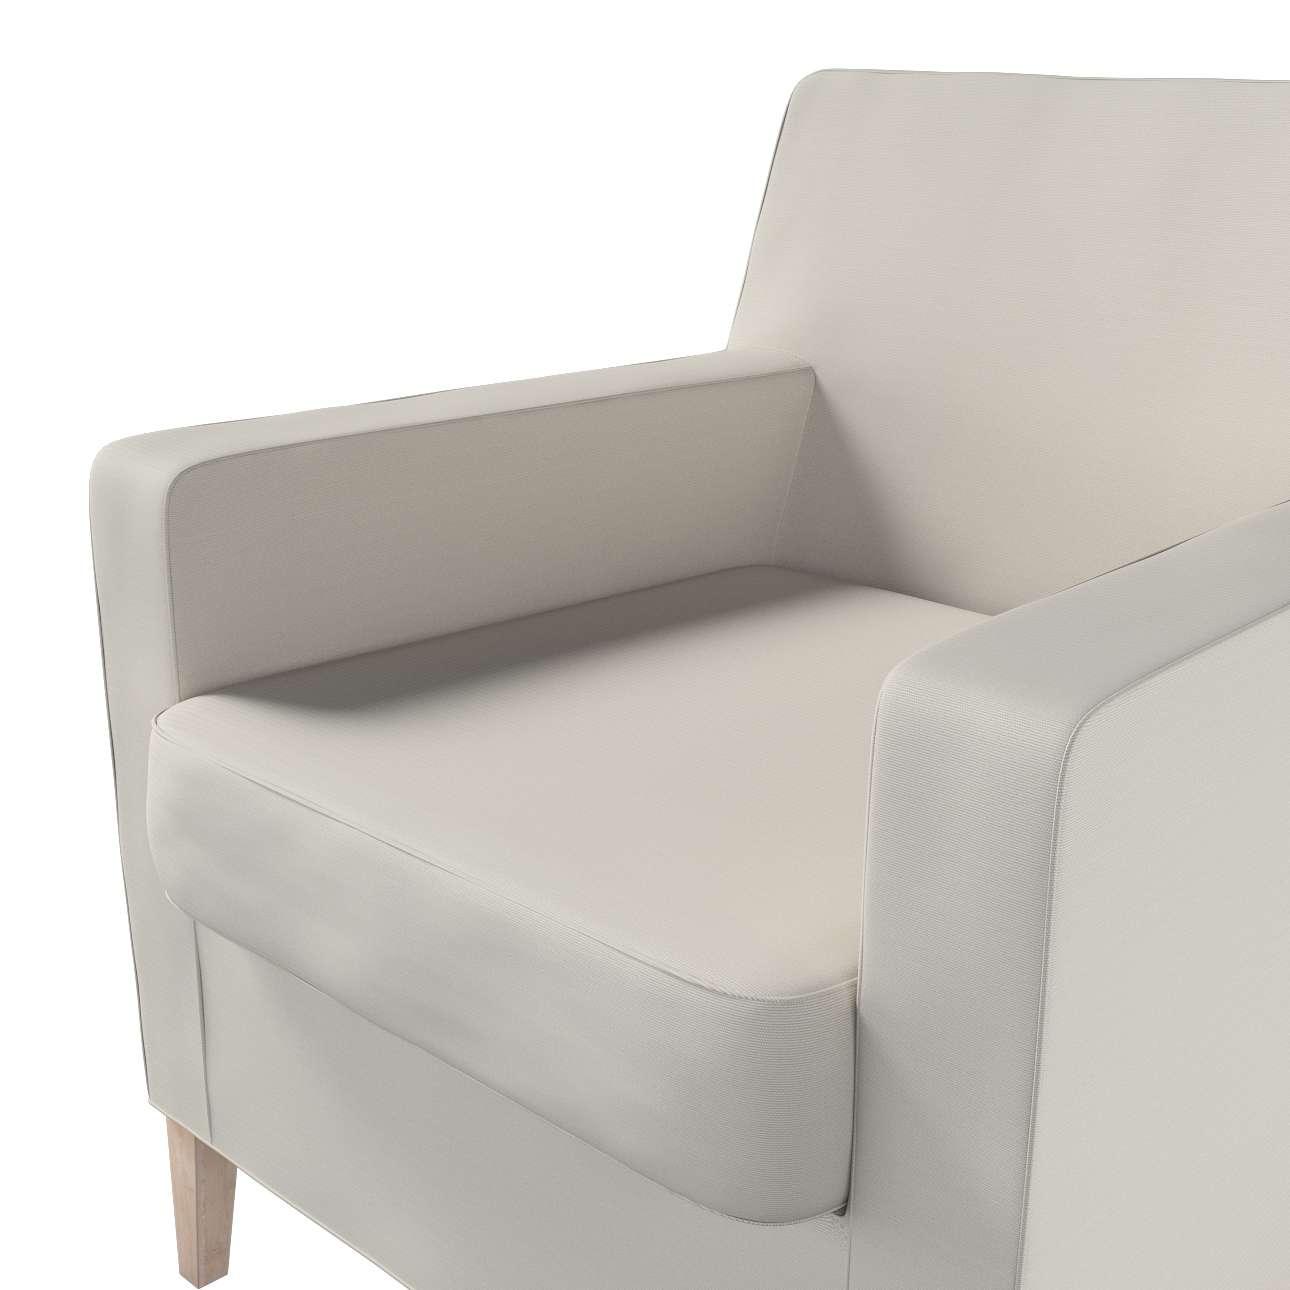 Pokrowiec na fotel Karlstad w kolekcji Cotton Panama, tkanina: 702-31